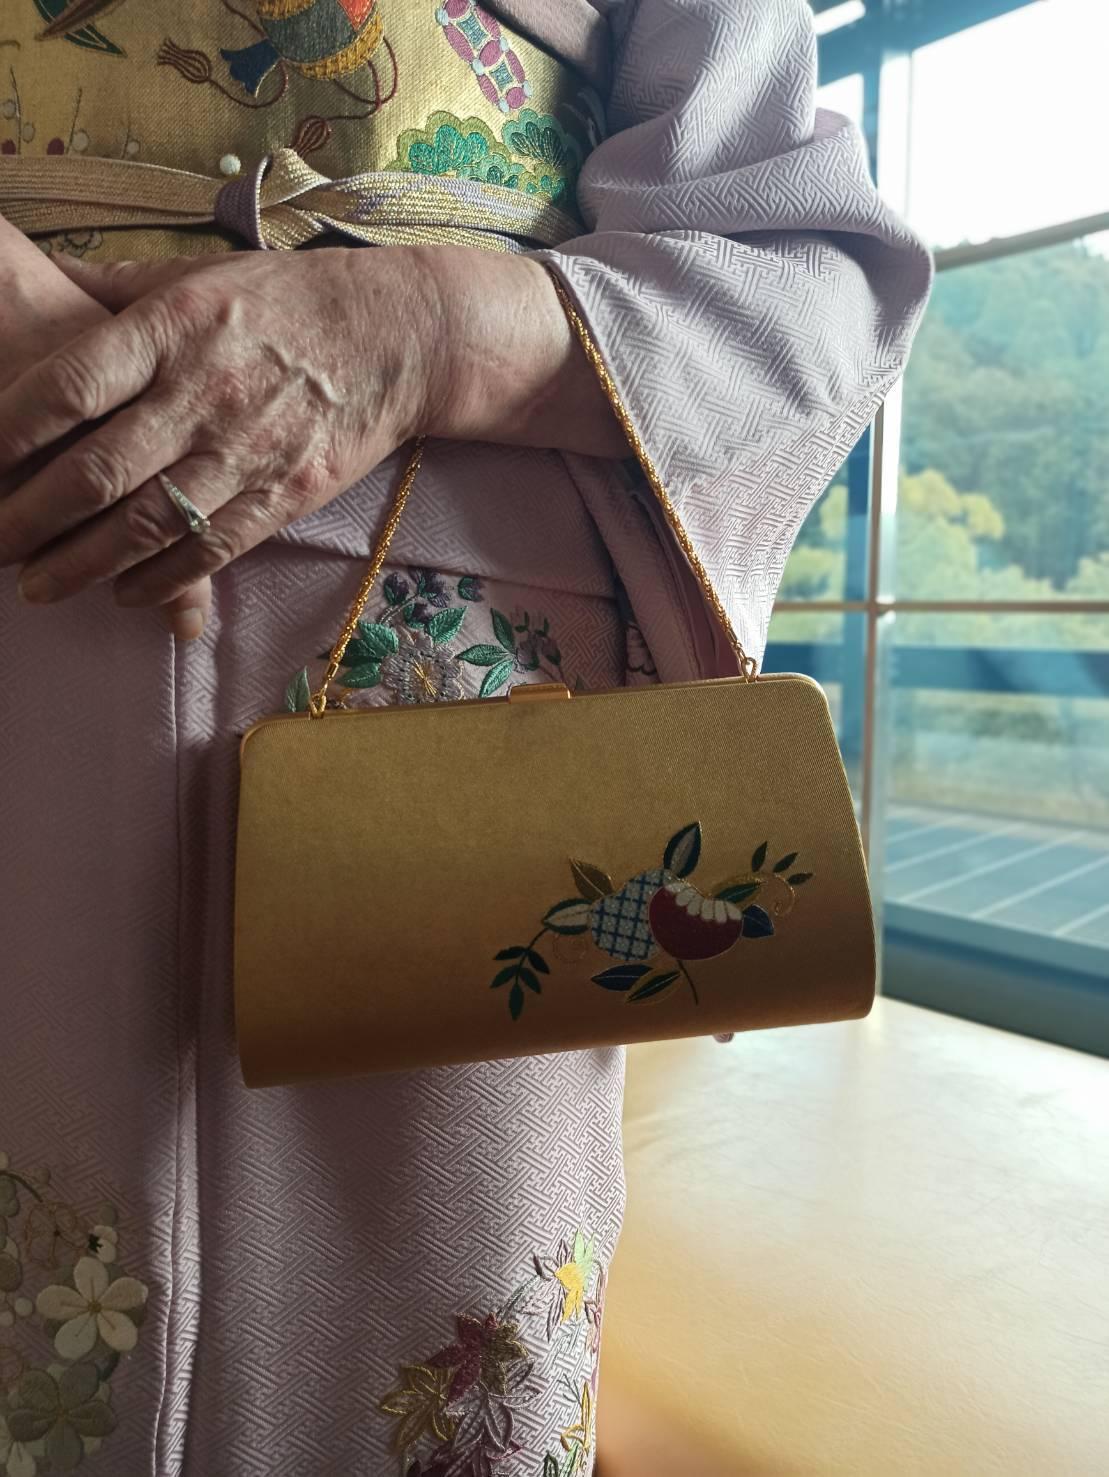 伝えて行きたい日本伝統の美《美知子お義母さんの日本刺繍》_a0157409_07212624.jpeg